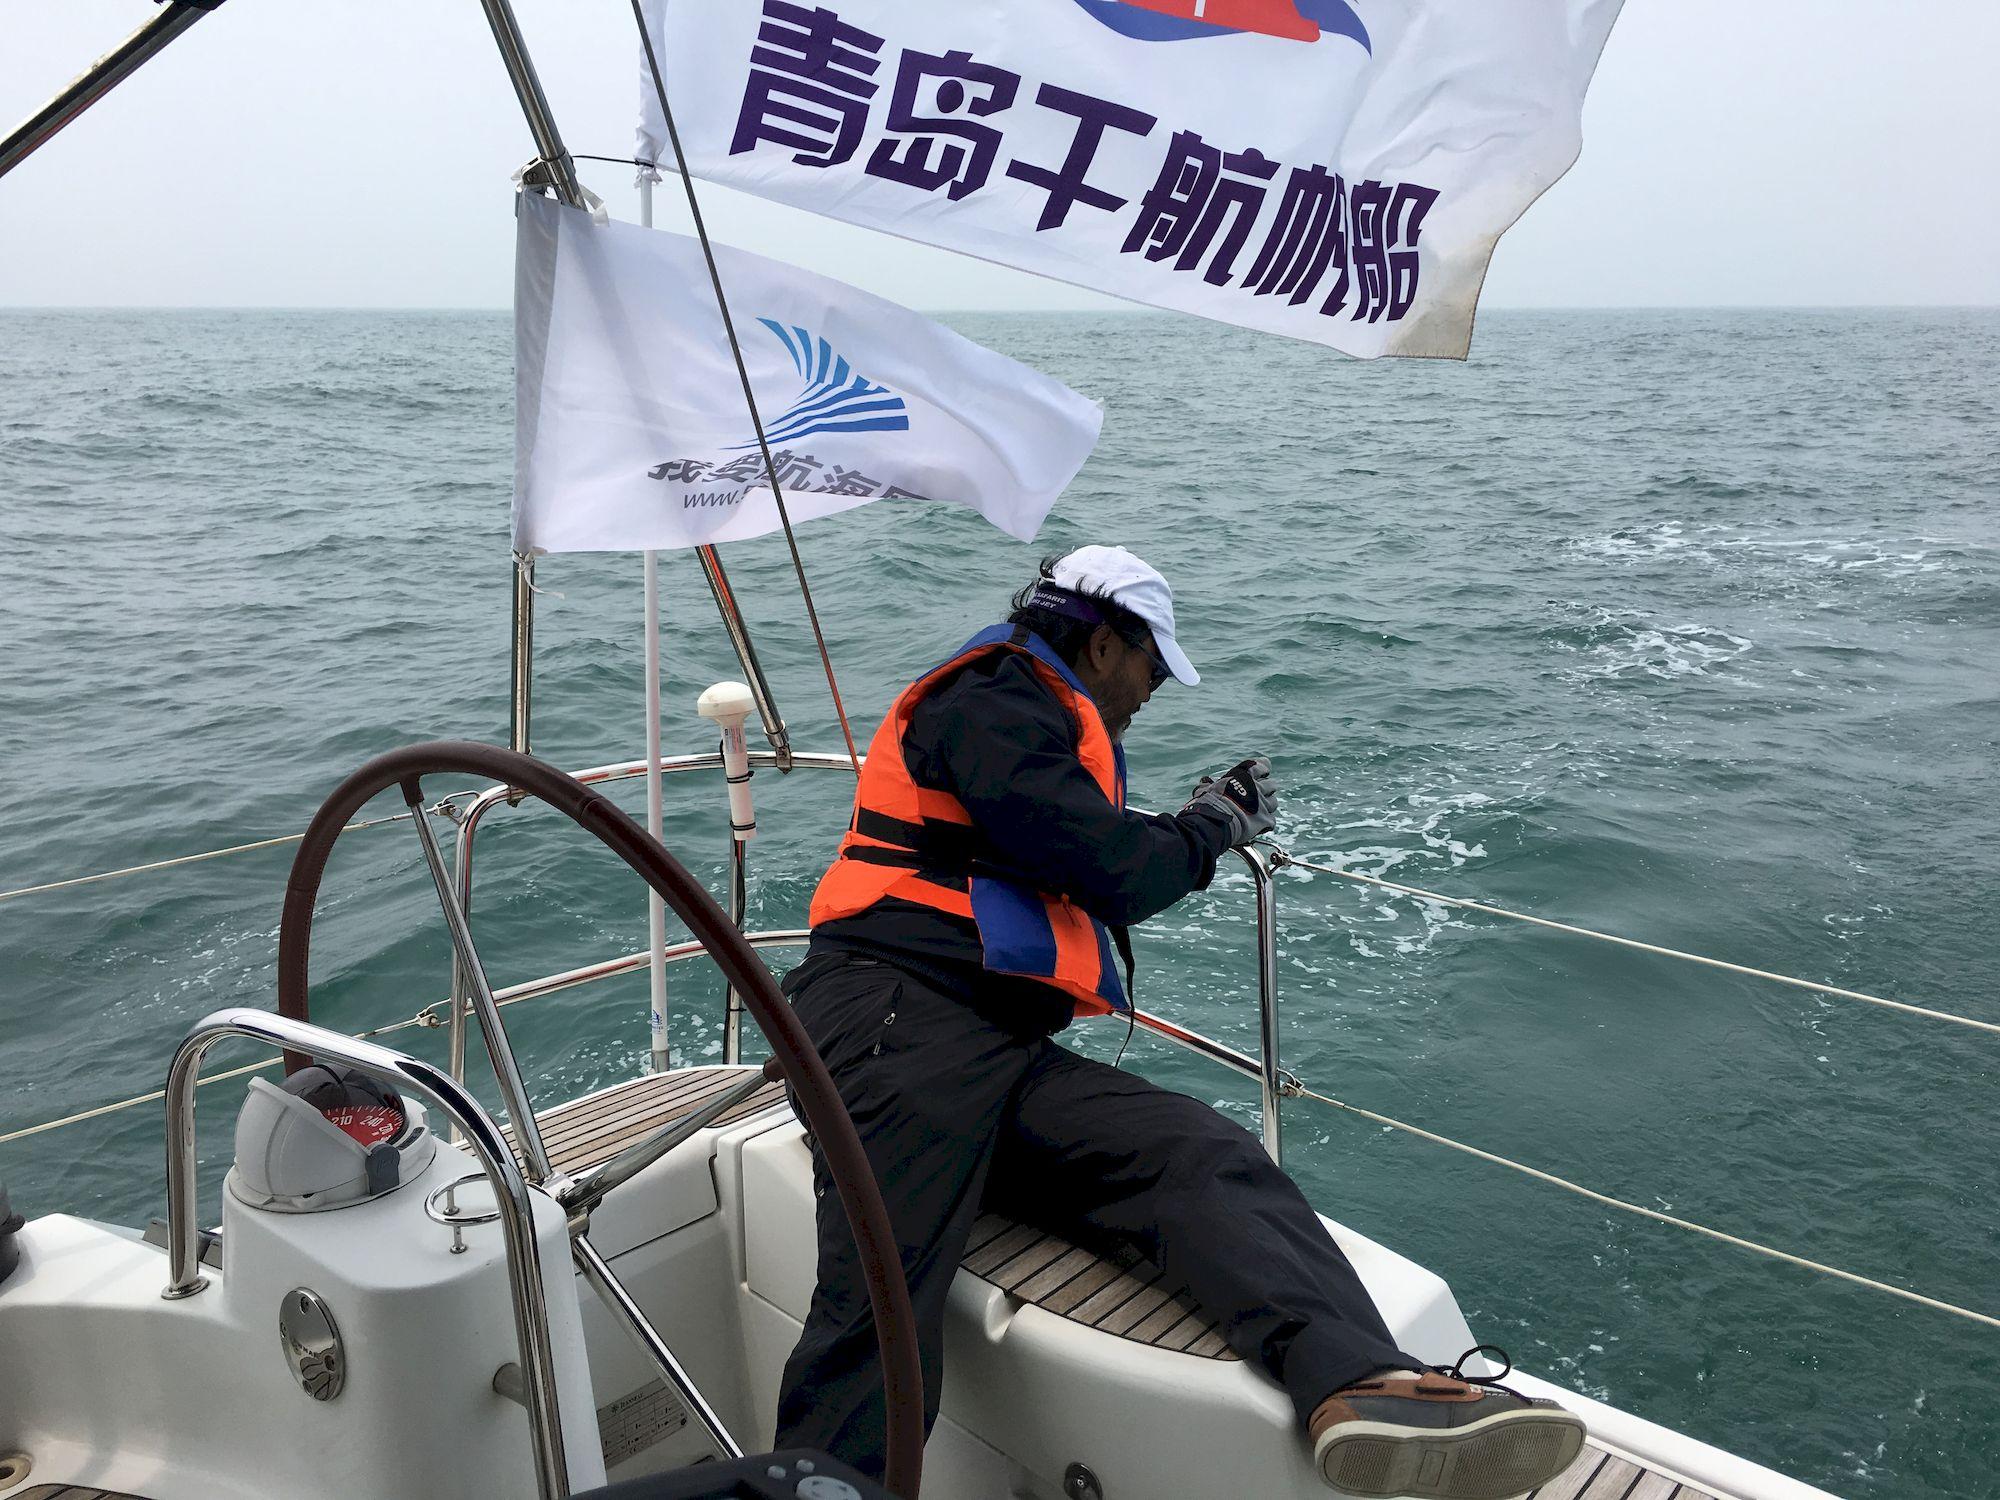 001c-IMG_2557_千帆俱乐部我要航海网帆船队-2016威海-仁川国际帆船赛.JPG